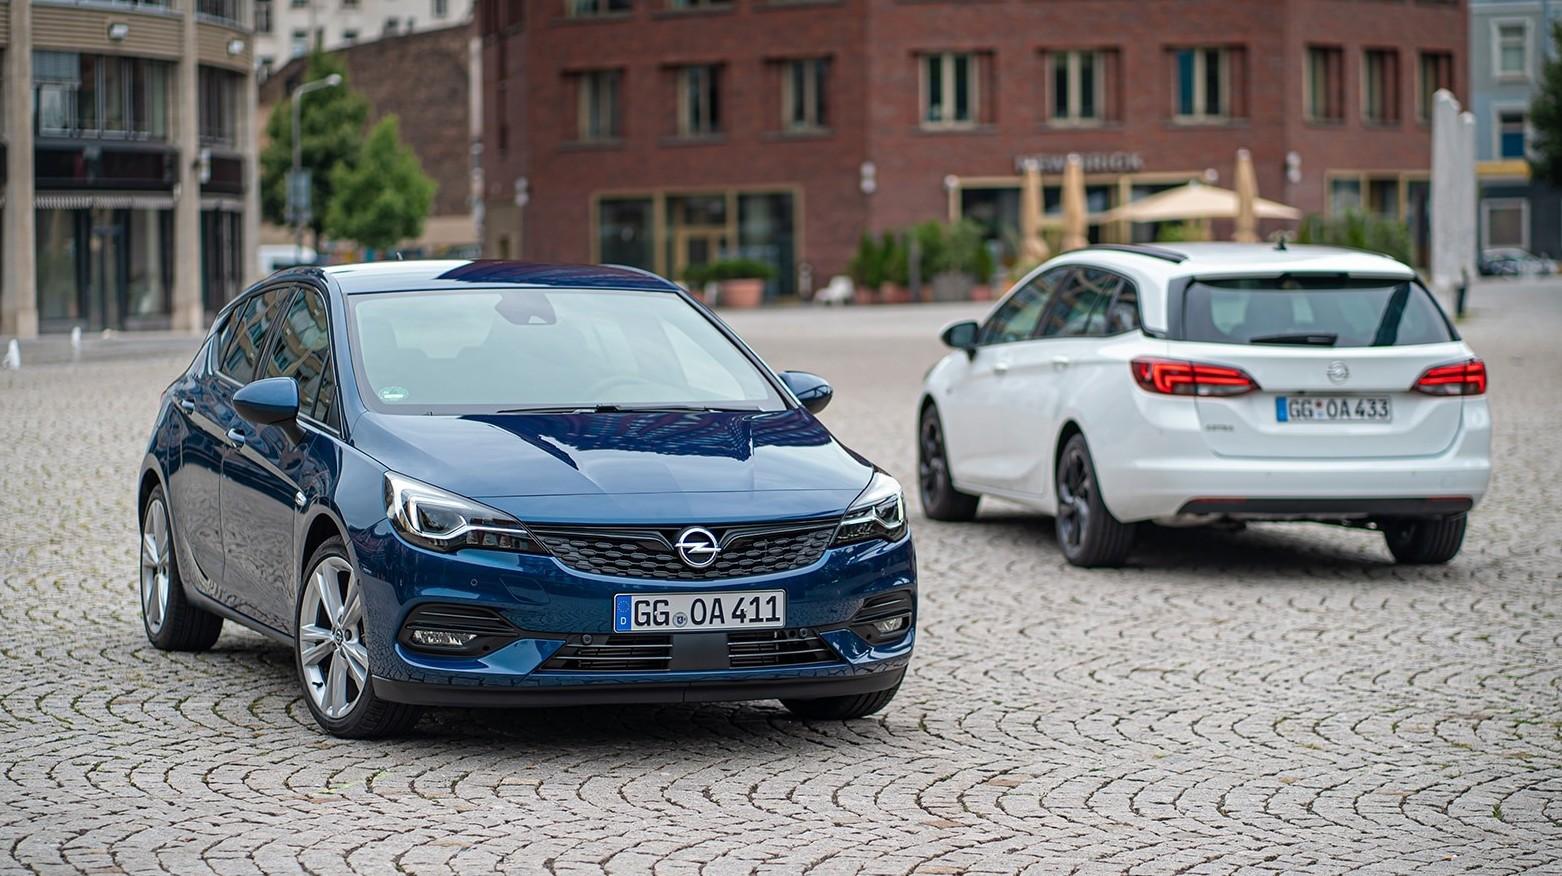 Opel Astra 2019-2010 prezzi listino, mod